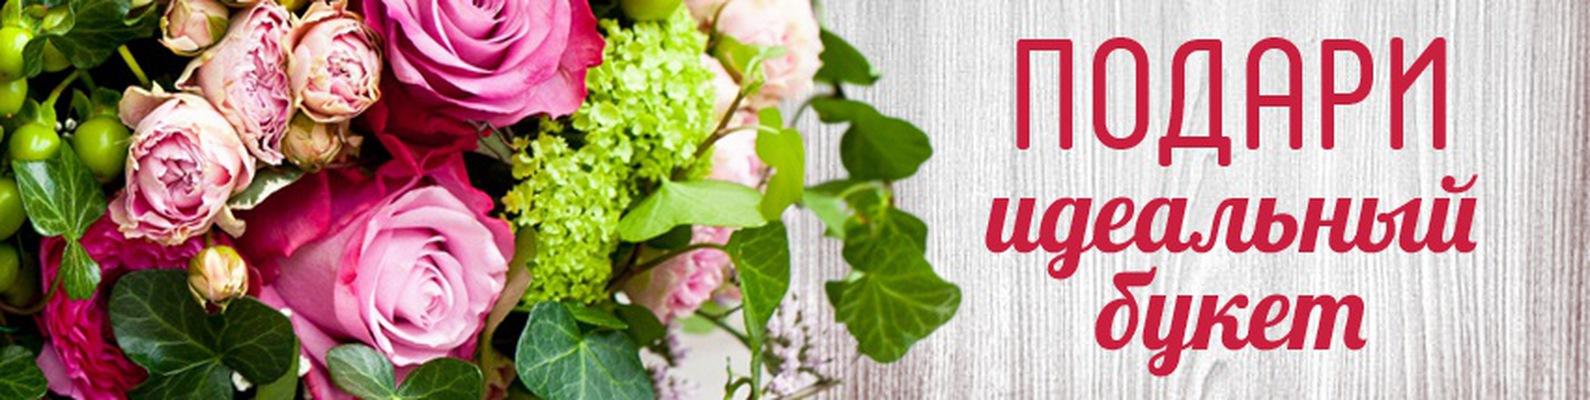 Купить цветы в братске оптом купить саженцы цветы интернету